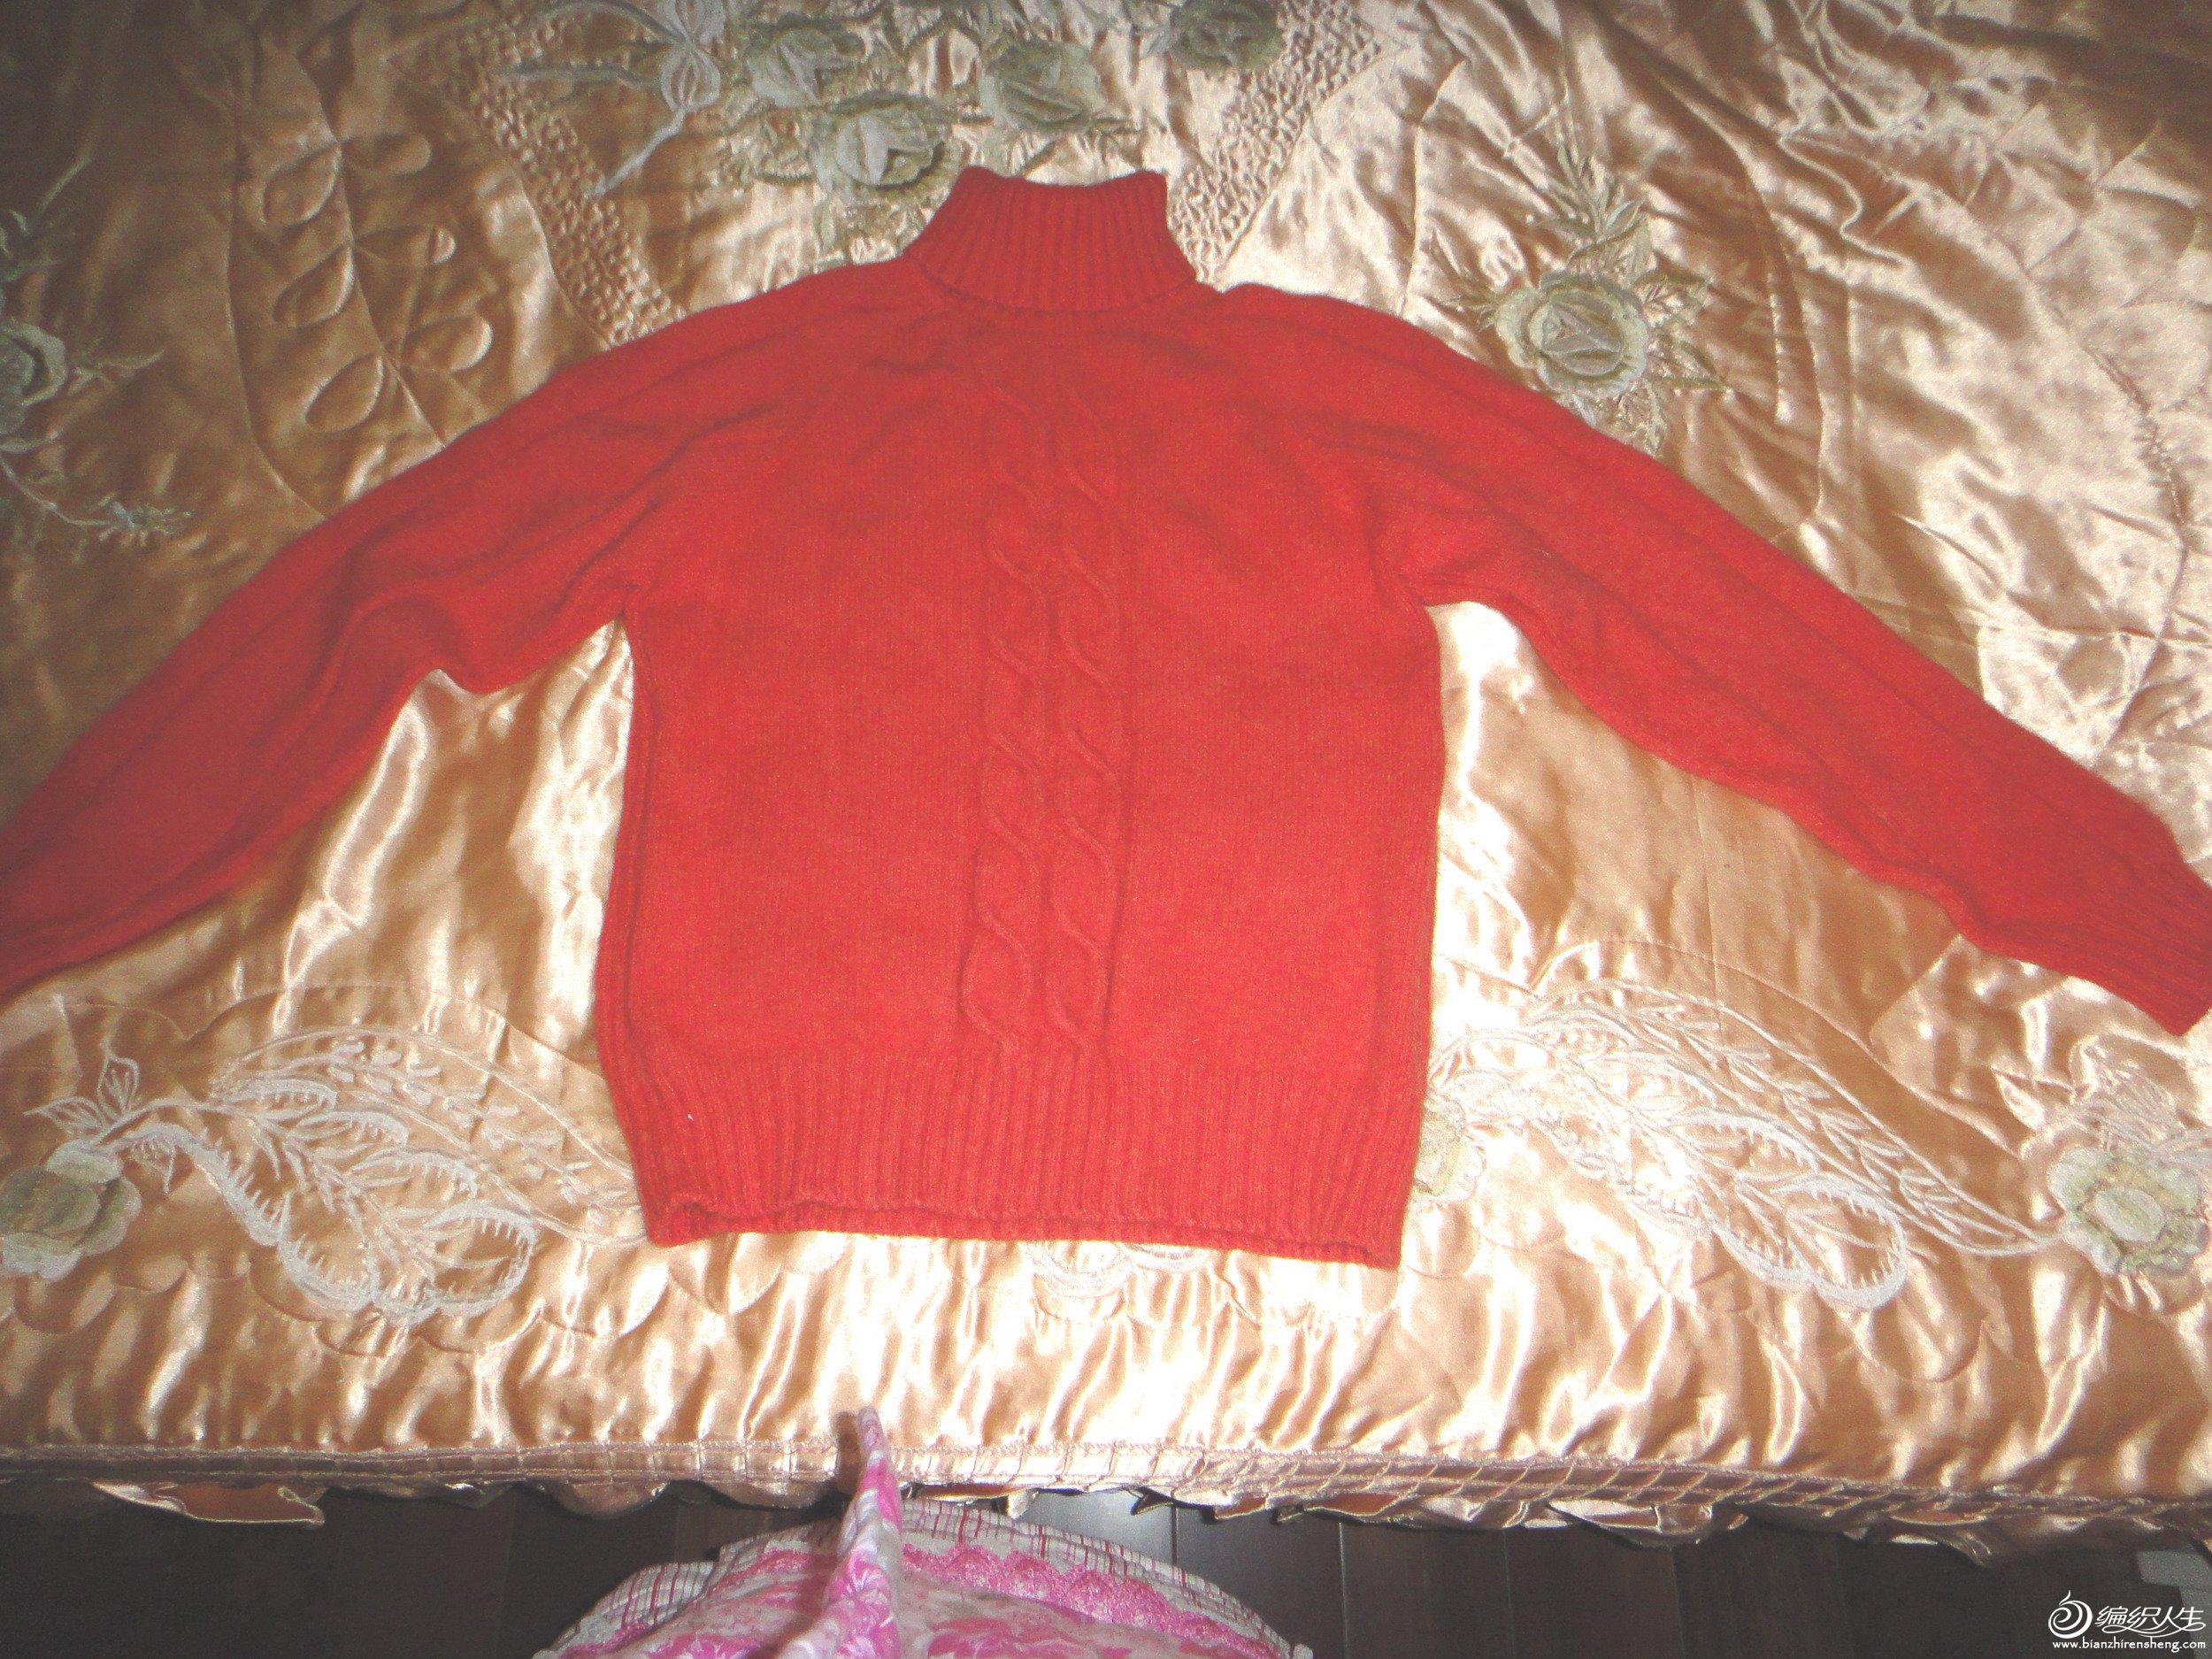 冬天打底的羊绒衣.jpg